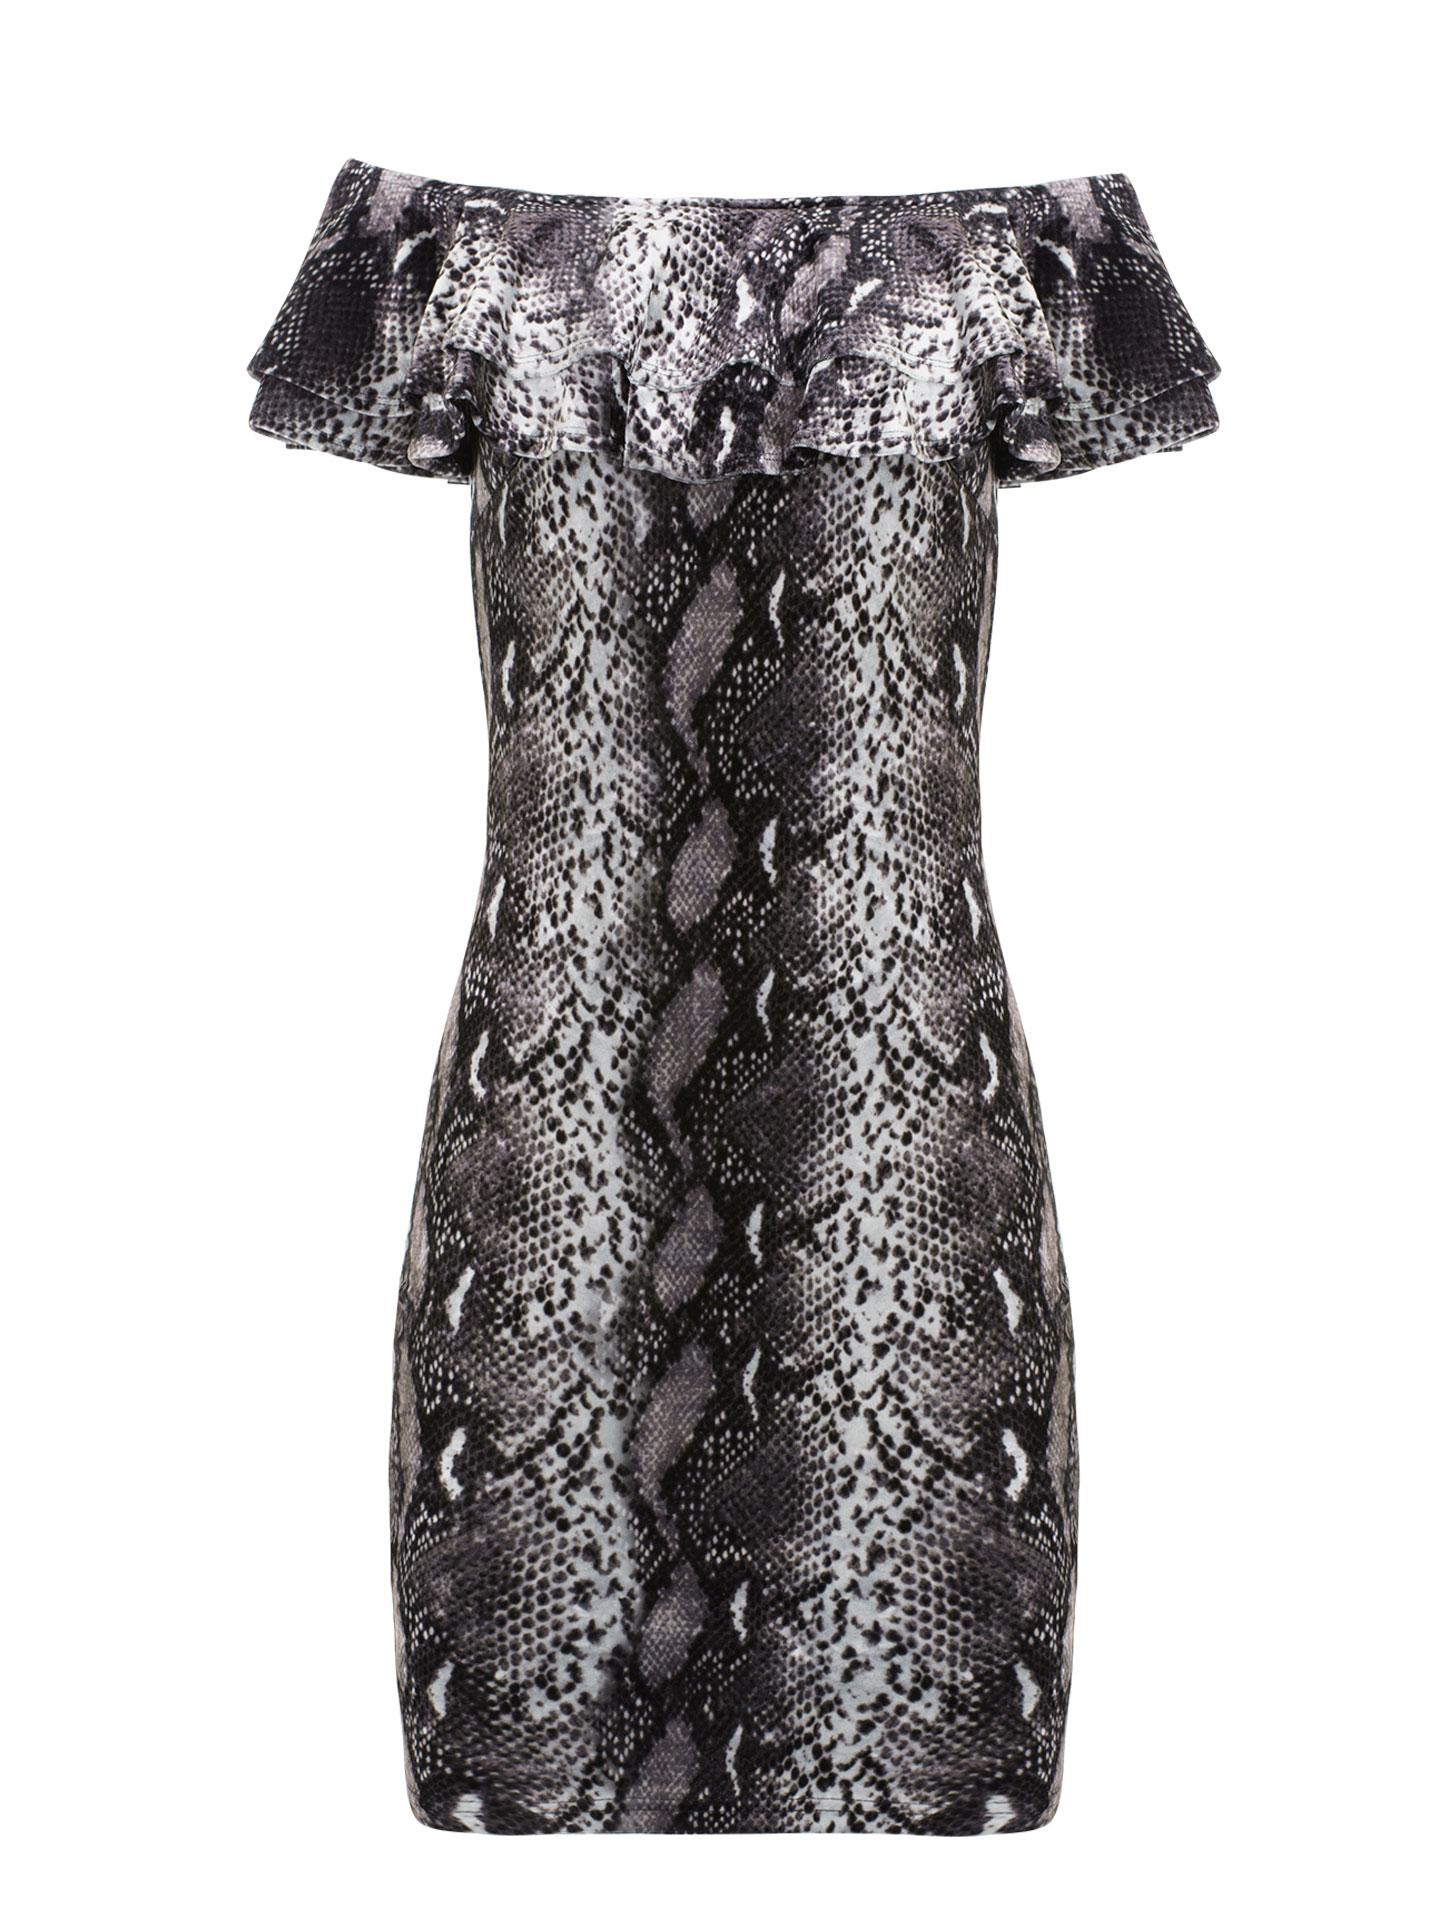 ea39b12e45cb Celestino Mini βελουτέ φόρεμα σε τύπωμα φίδι WL1249.8339+1 - Glami.gr